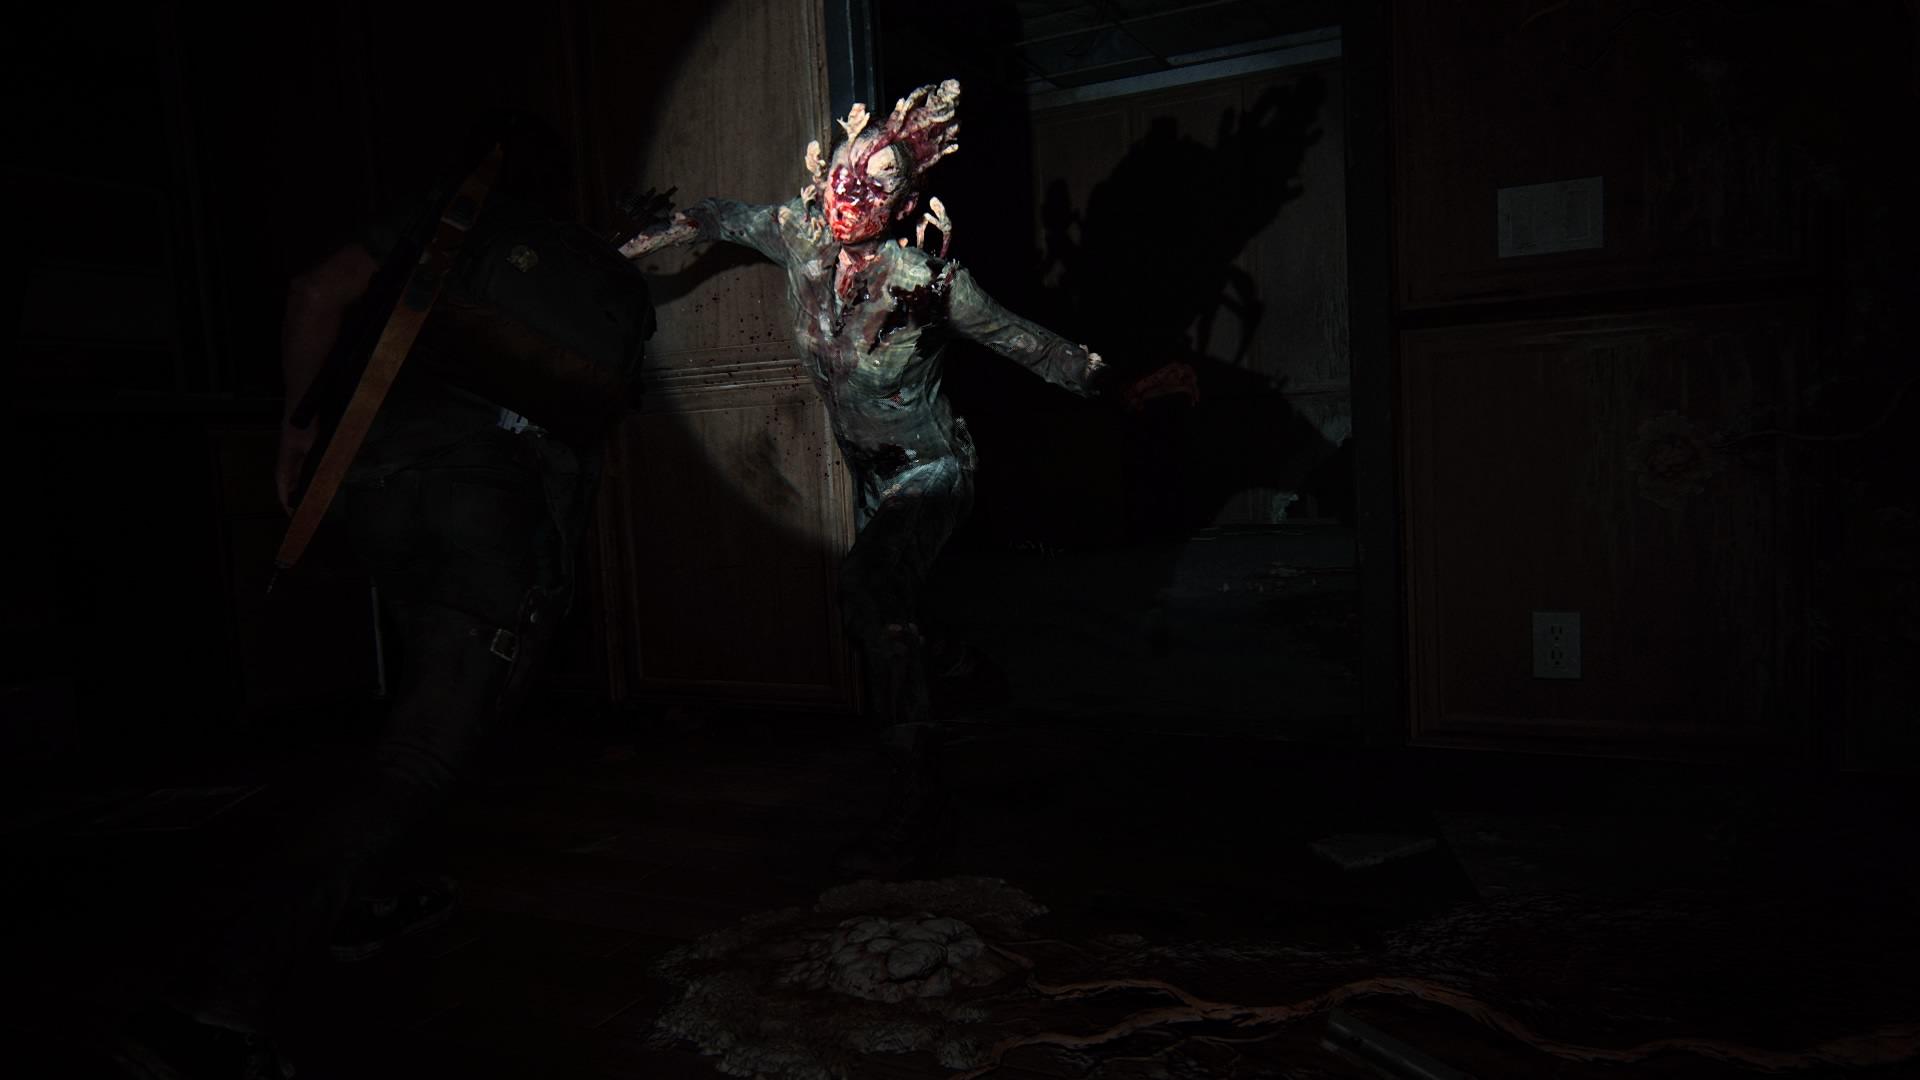 Beim Versteckspiel Mit Scheuen Plötzlich Angreifenden Infizierten.